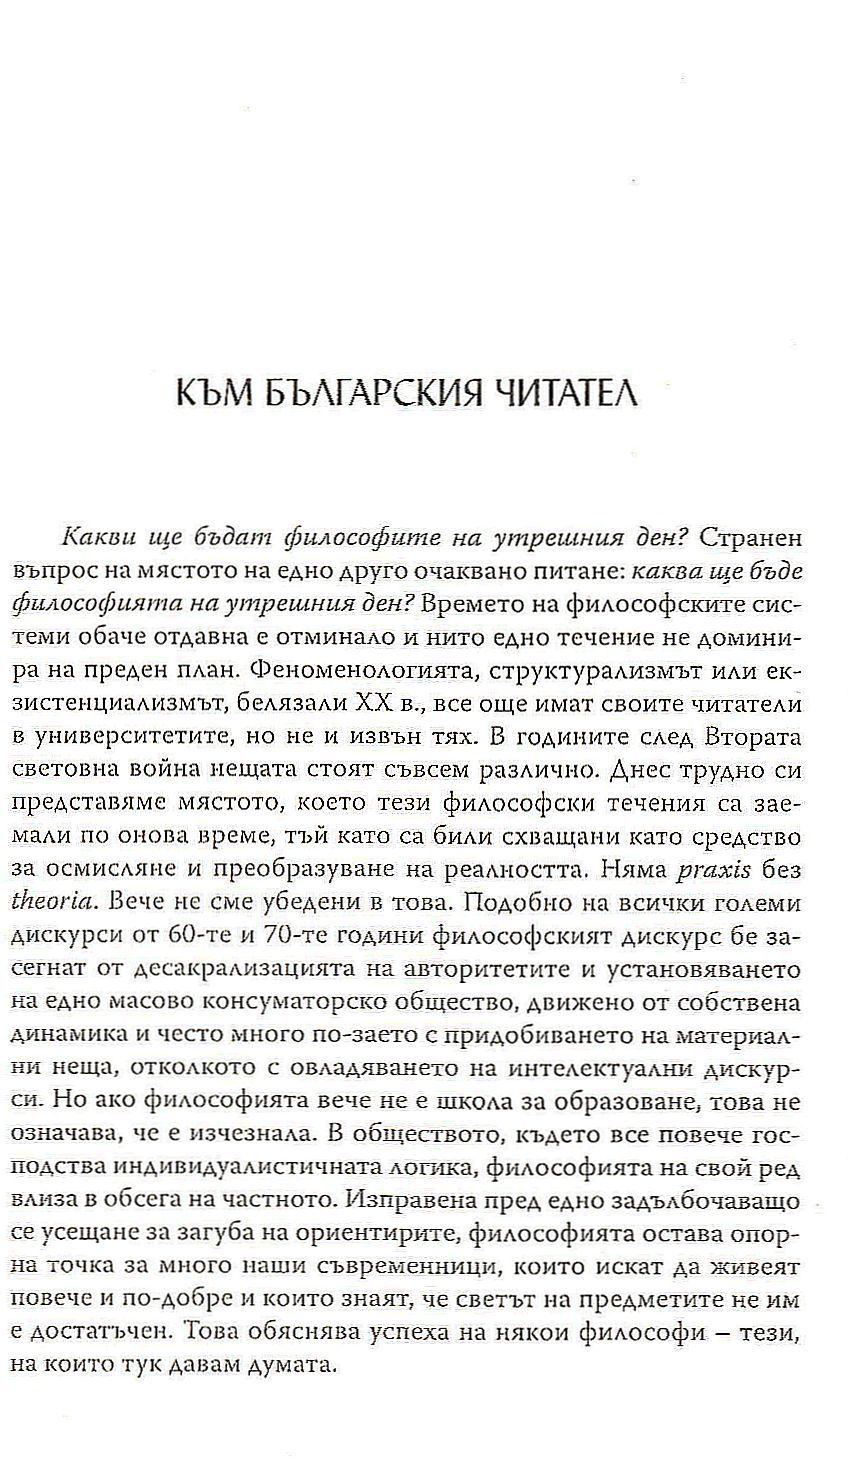 kakvi-sche-b-dat-filosofite-na-utreshnija-den-3 - 4